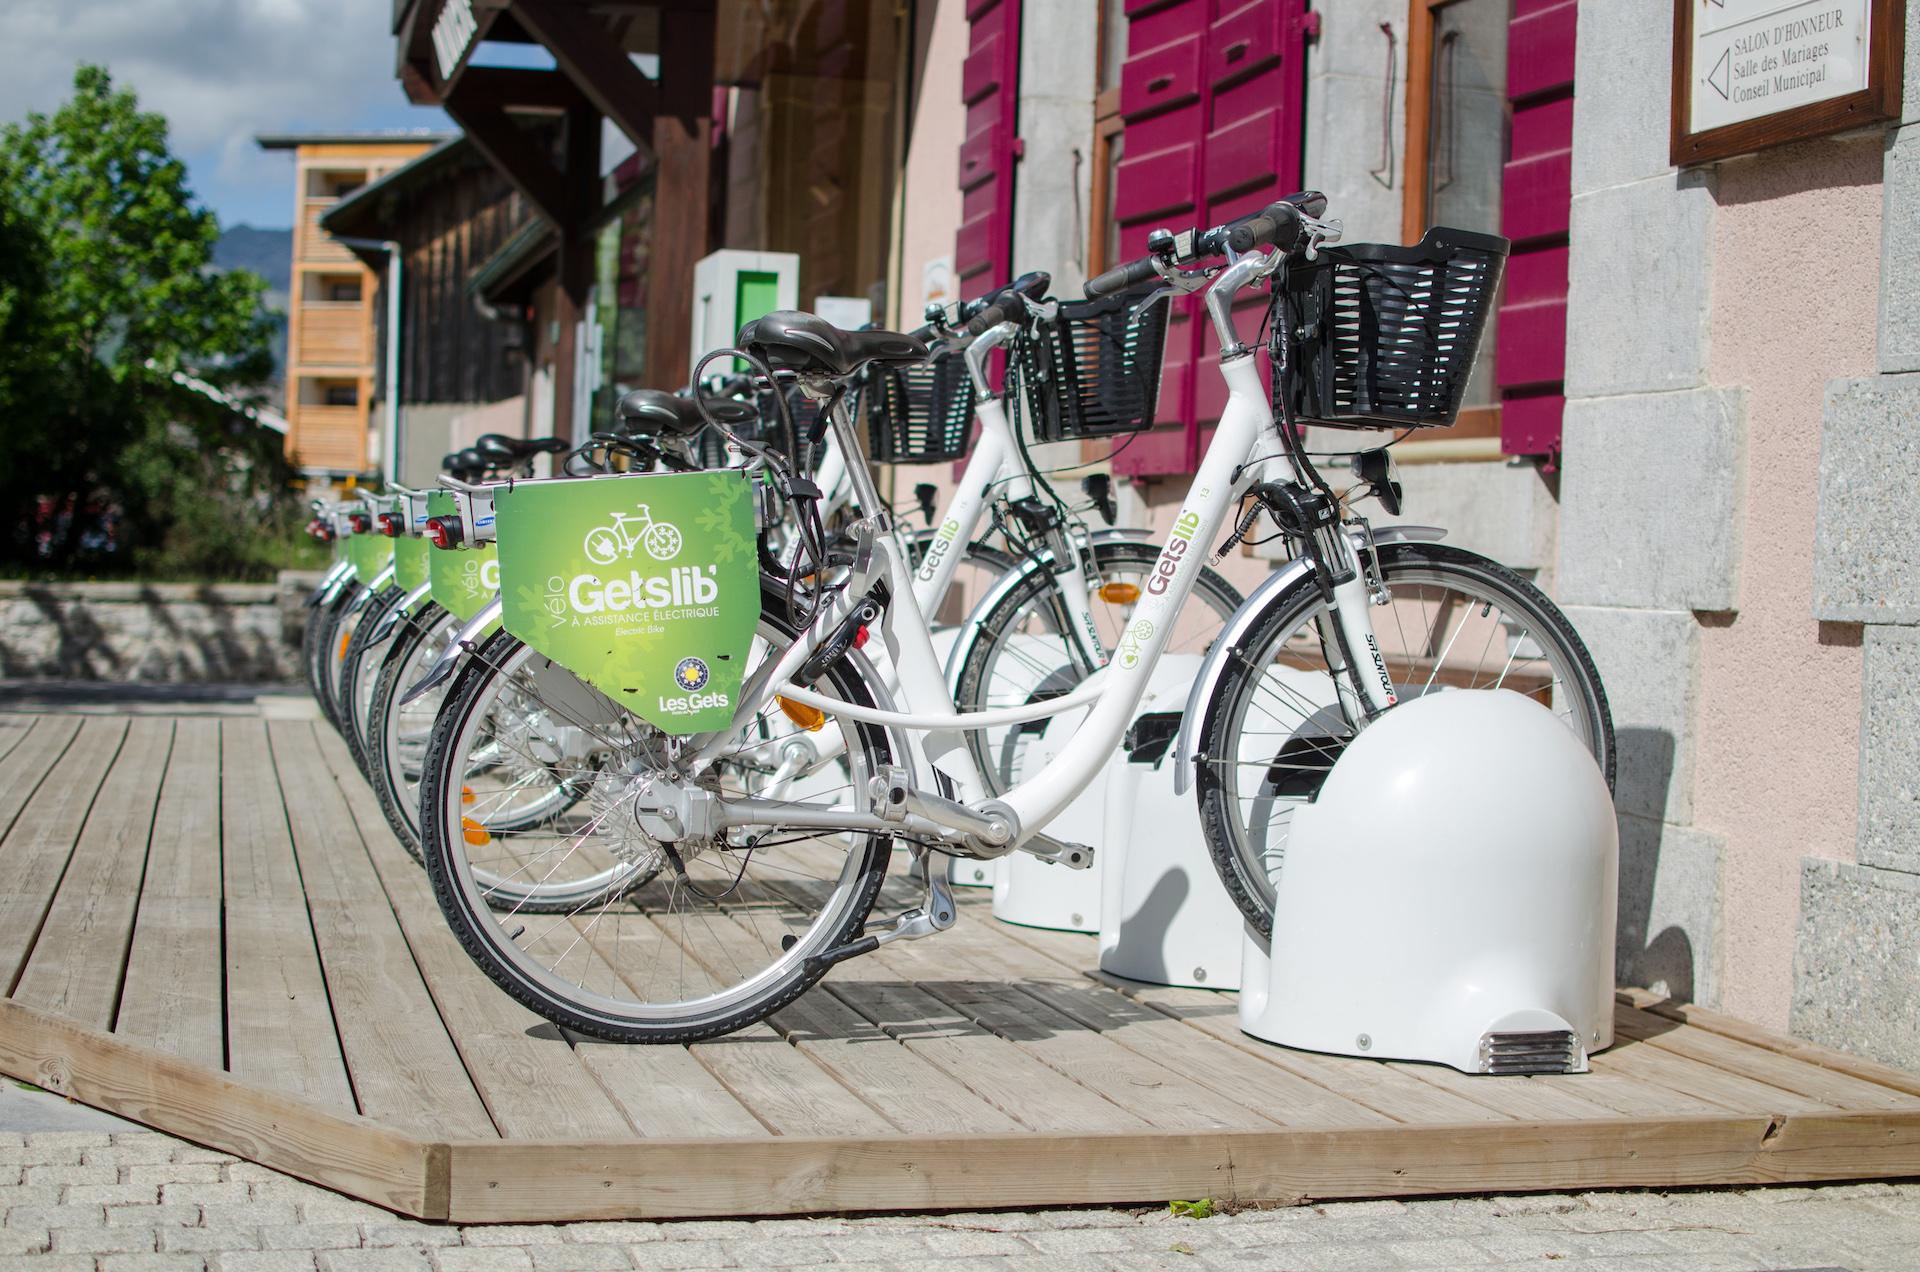 Vélos électriques Gets'Lib à l'entrée de la Maison des Gets